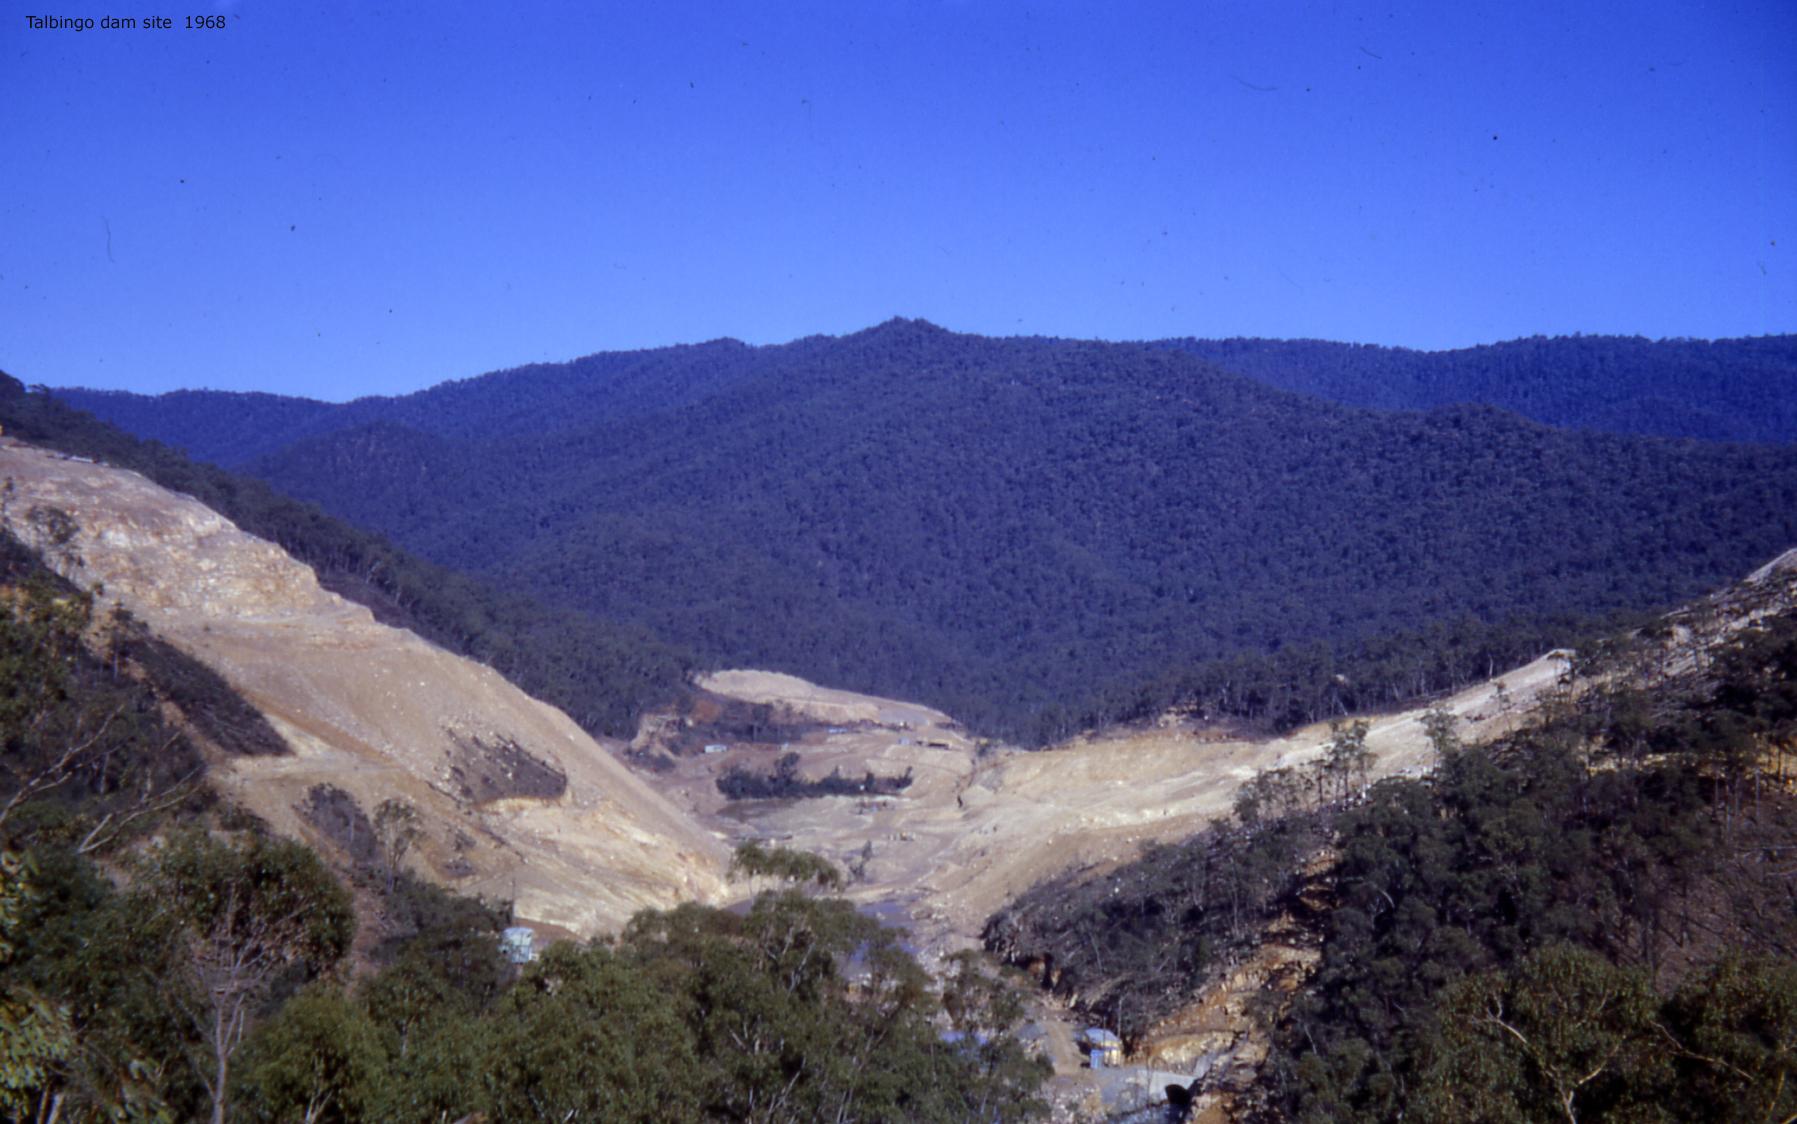 ChrisBonnortalbingo dam site 68